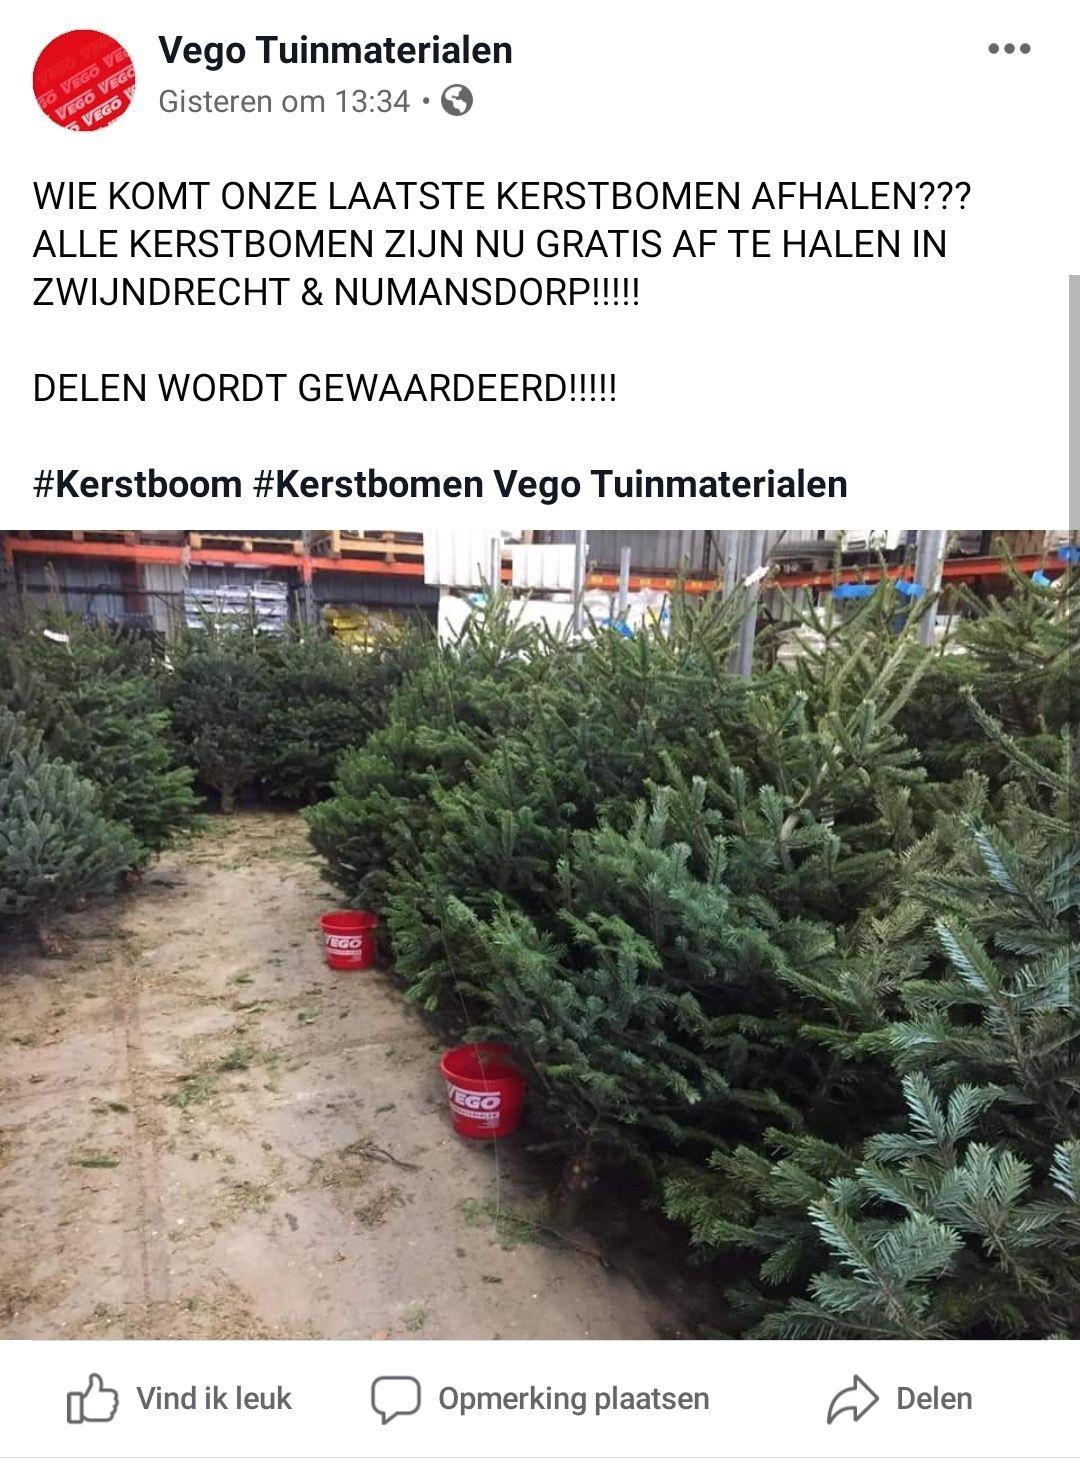 Gratis Kerstbomen in Zwijndrecht en Numansdorp @ Vego Tuinmaterialen